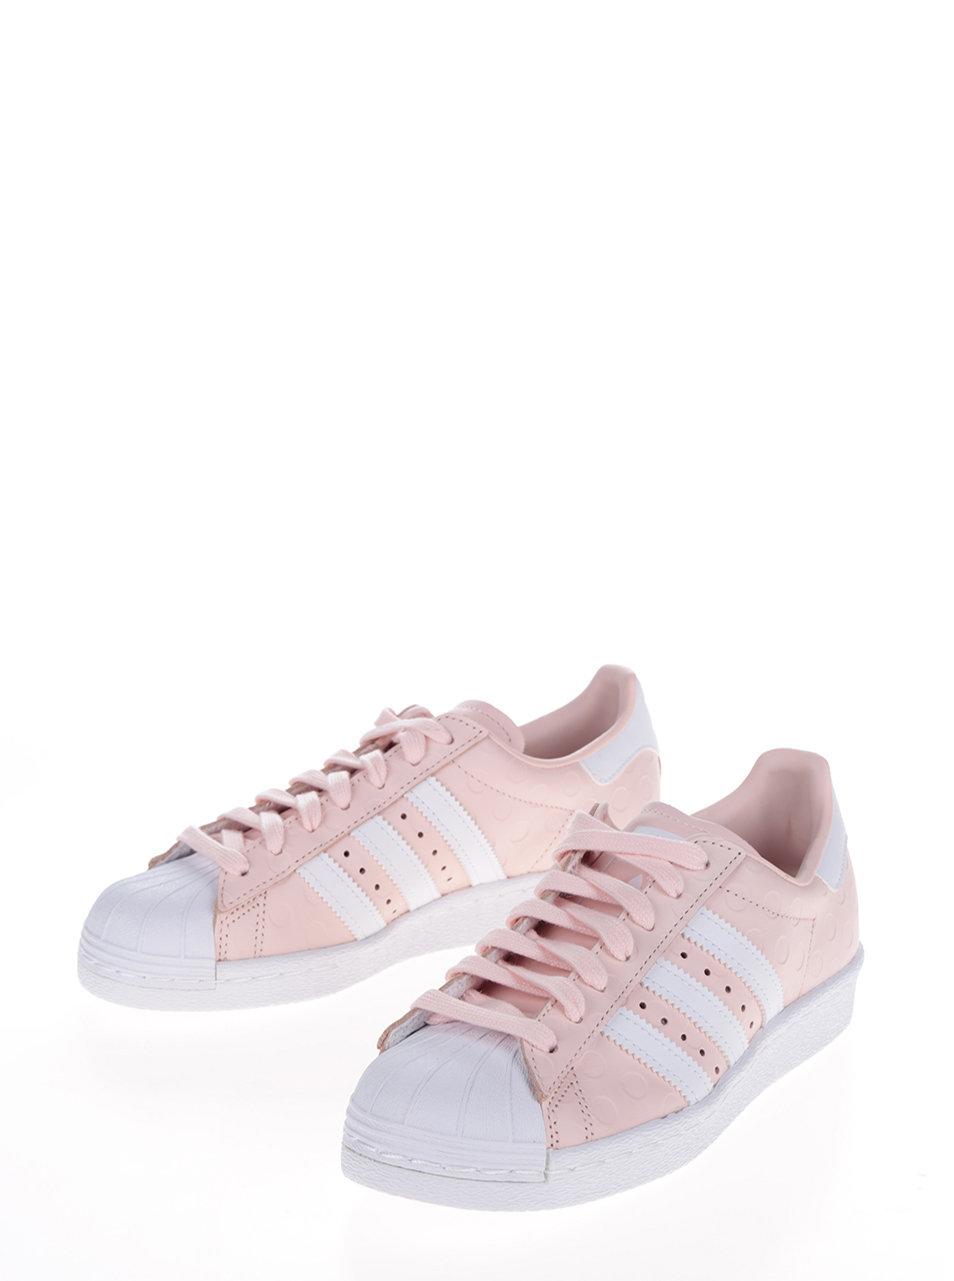 252f34284d66 Ružové dámske kožené tenisky na platforme adidas Originals Superstar ...